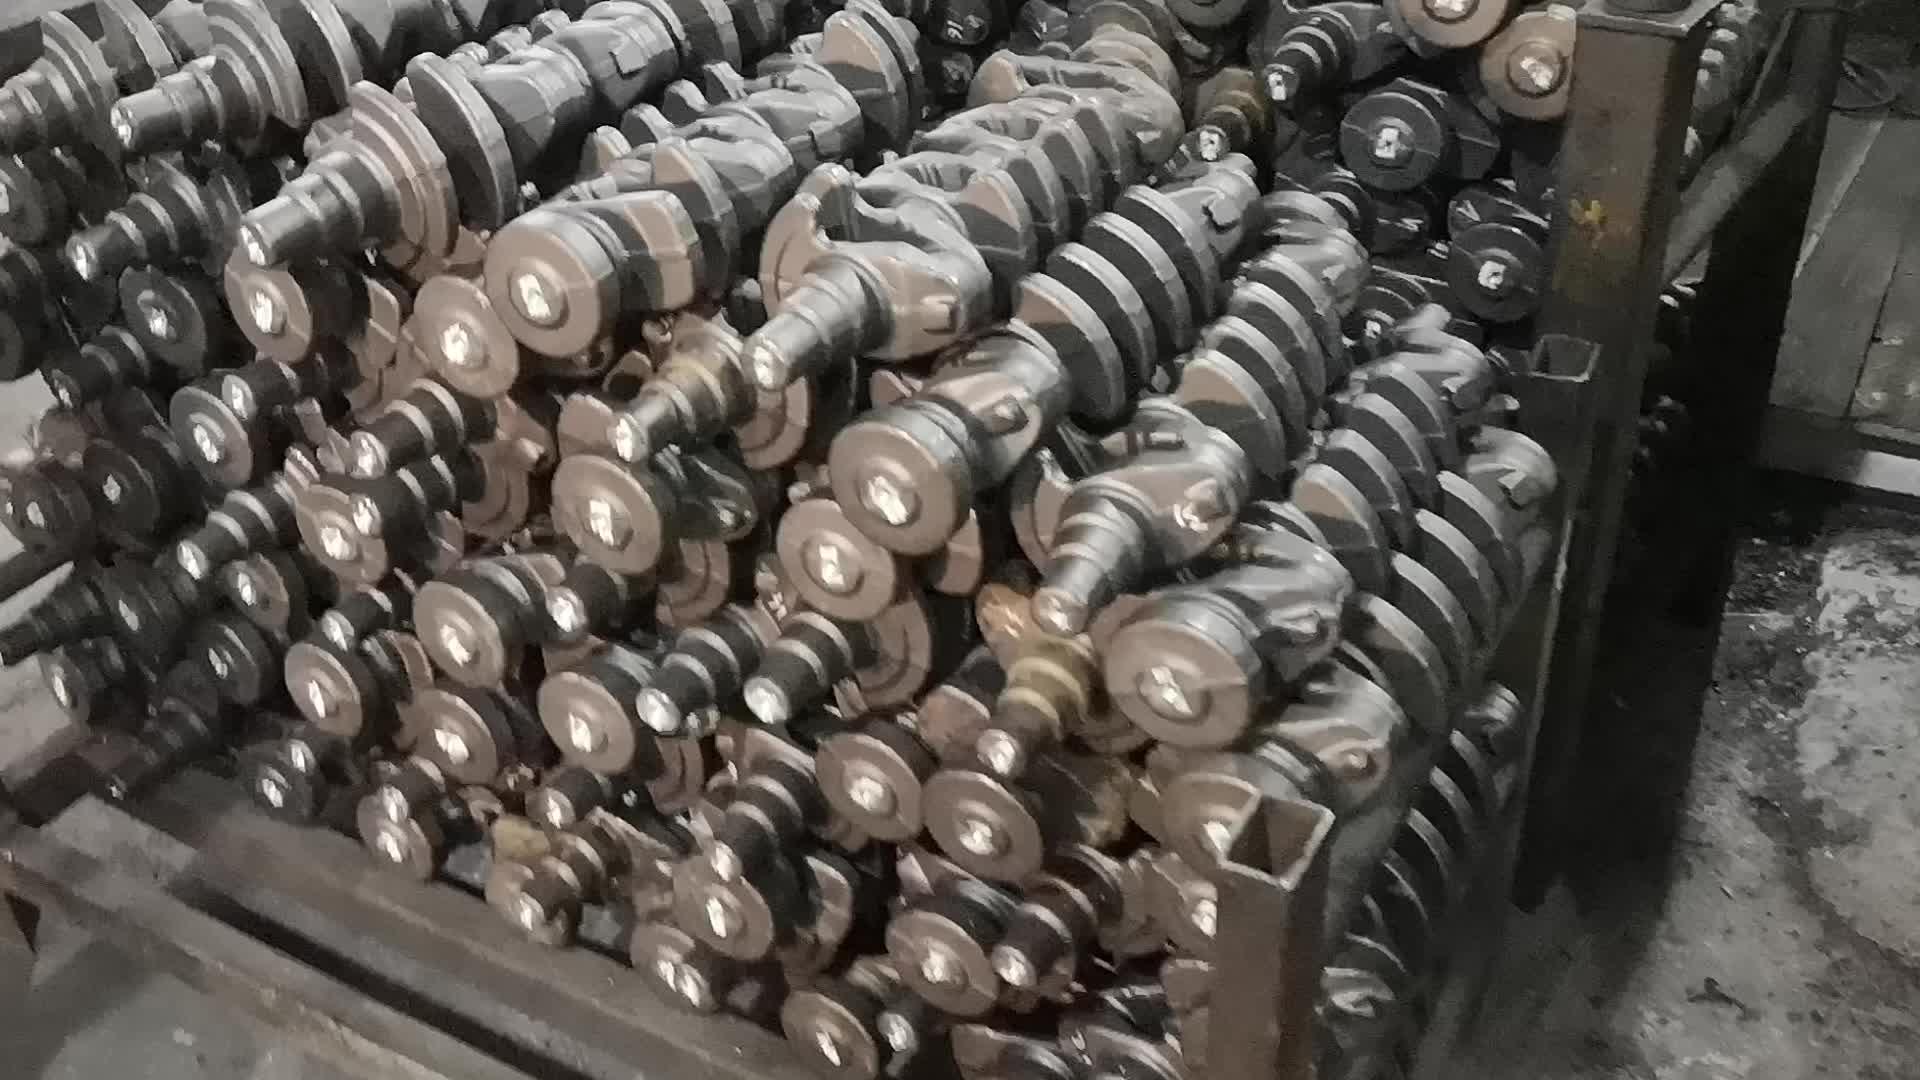 Deutz Air cooled Diesel เครื่องยนต์อะไหล่ F2L511 เพลาข้อเหวี่ยง 0415 2745